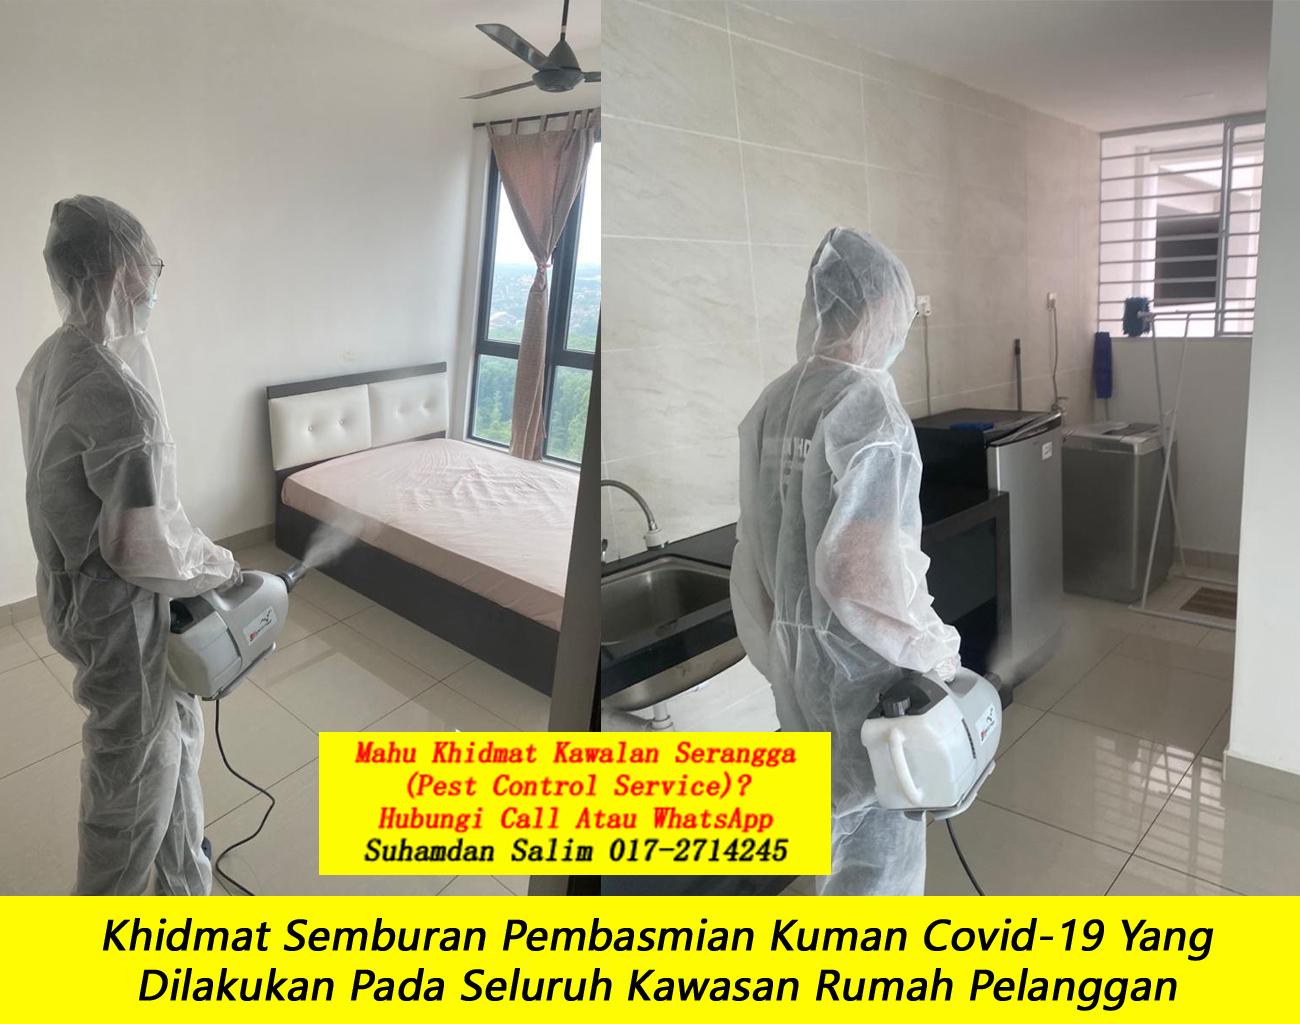 khidmat sanitizing membasmi kuman Covid-19 Disinfection Service semburan sanitize covid 19 paling berkesan dengan harga berpatutan the best service covid-19 Dang Wangi kl